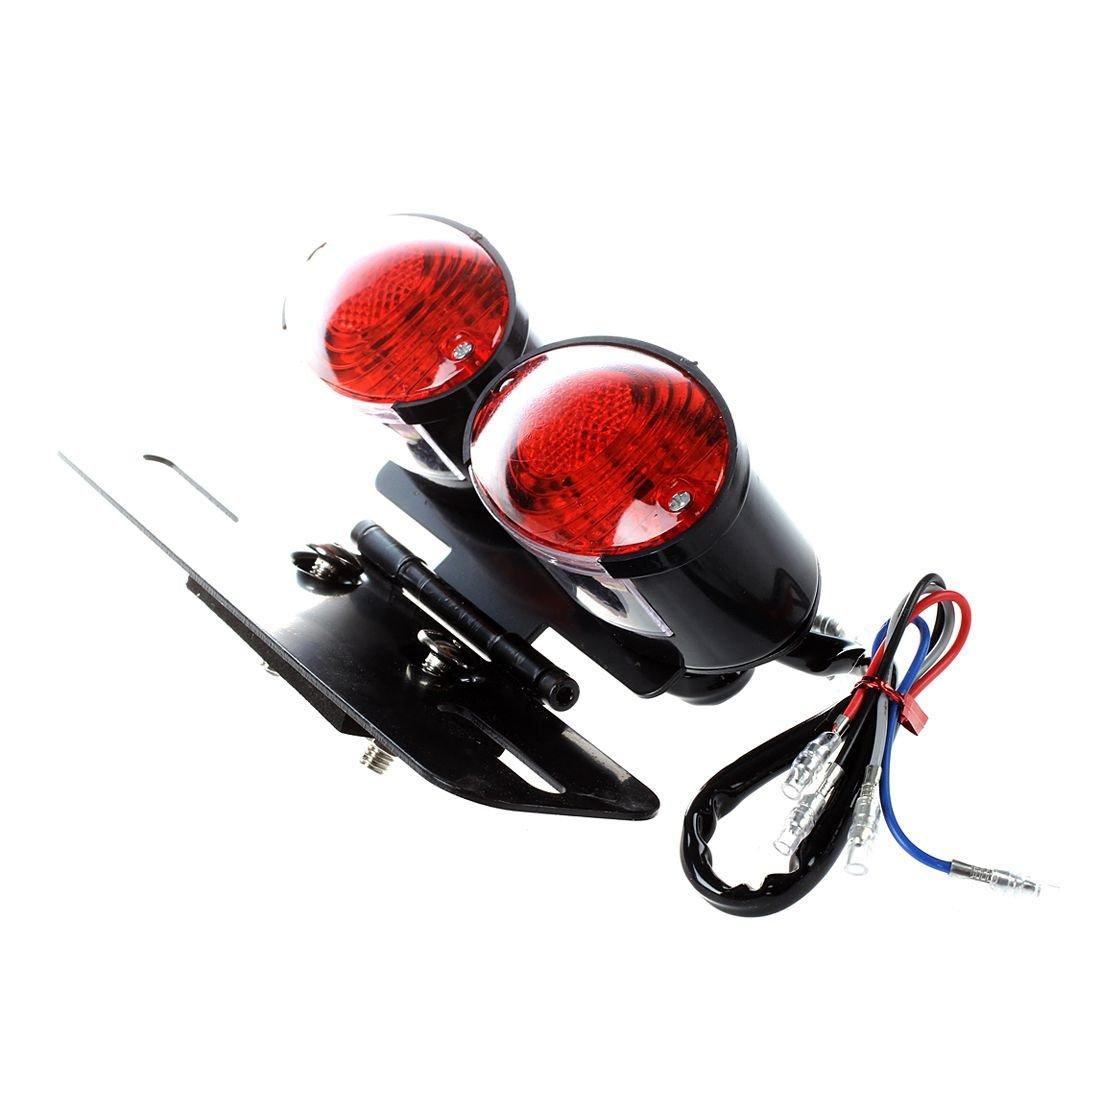 R TOOGOO 34 LED lampeggiante fanale di sicurezza luce posteriore universale Moto Bianco